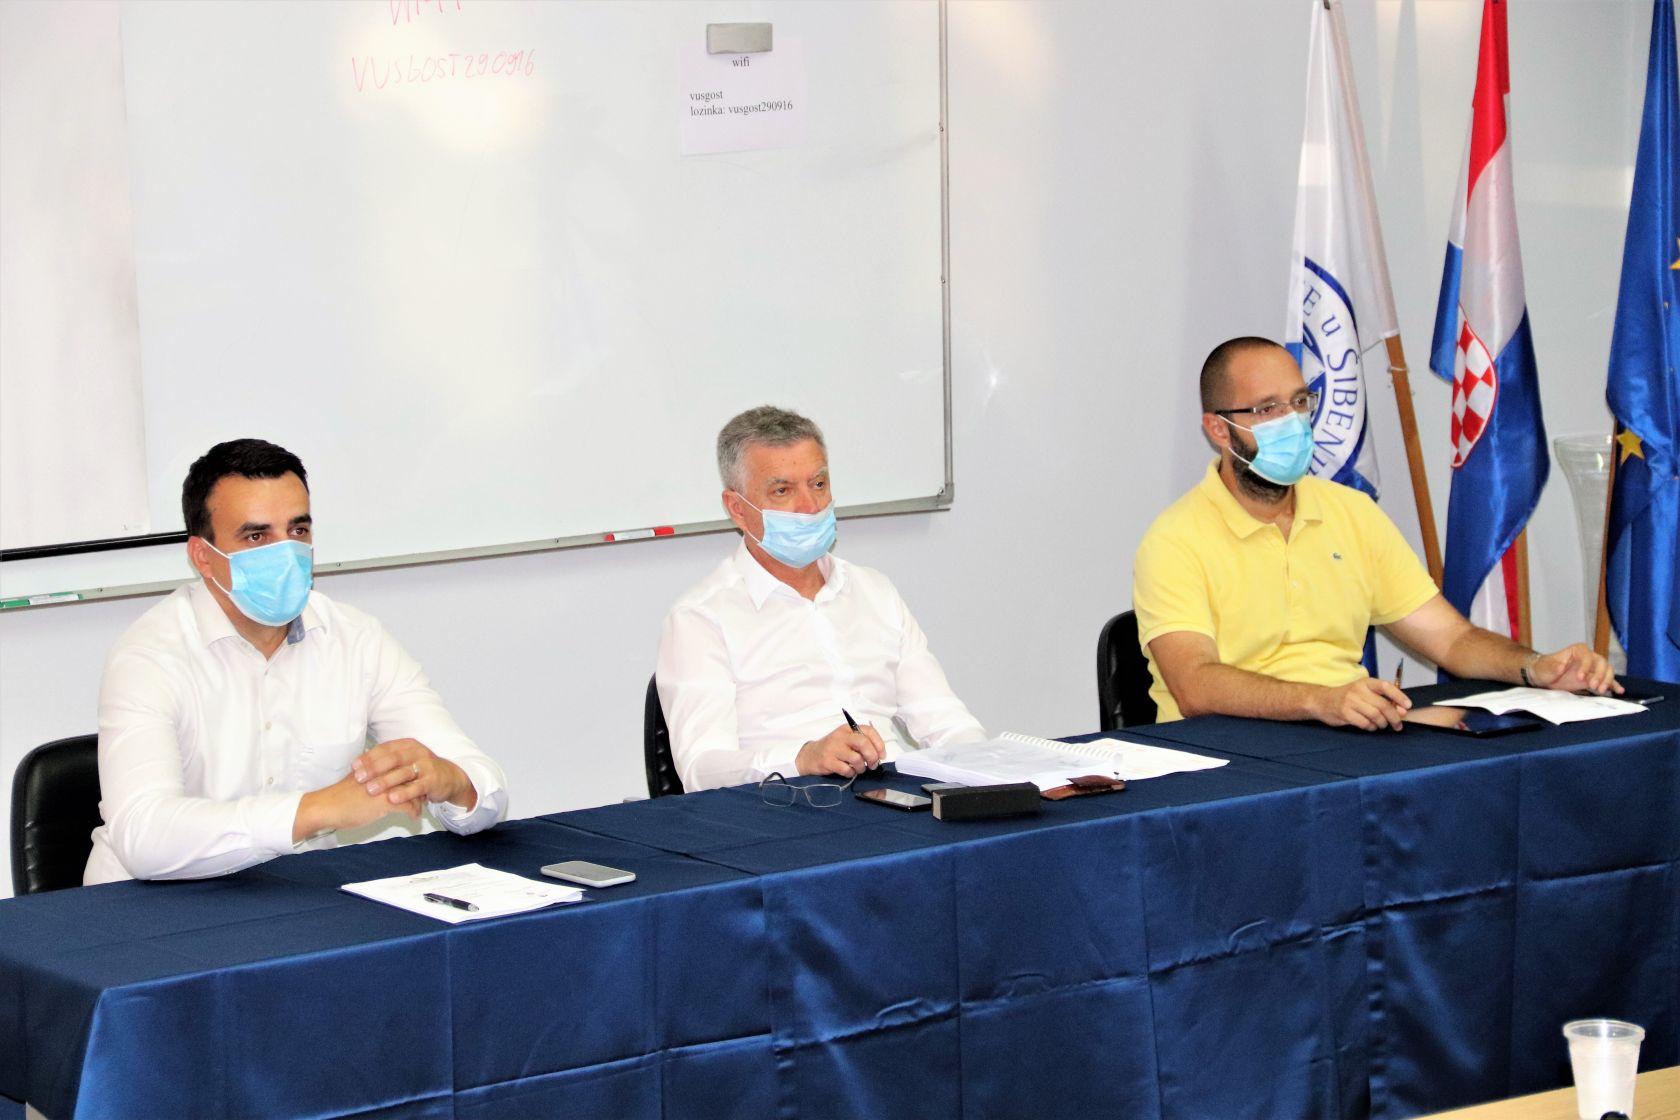 Održana 21. sjednica Gradskog vijeća grada Šibenika